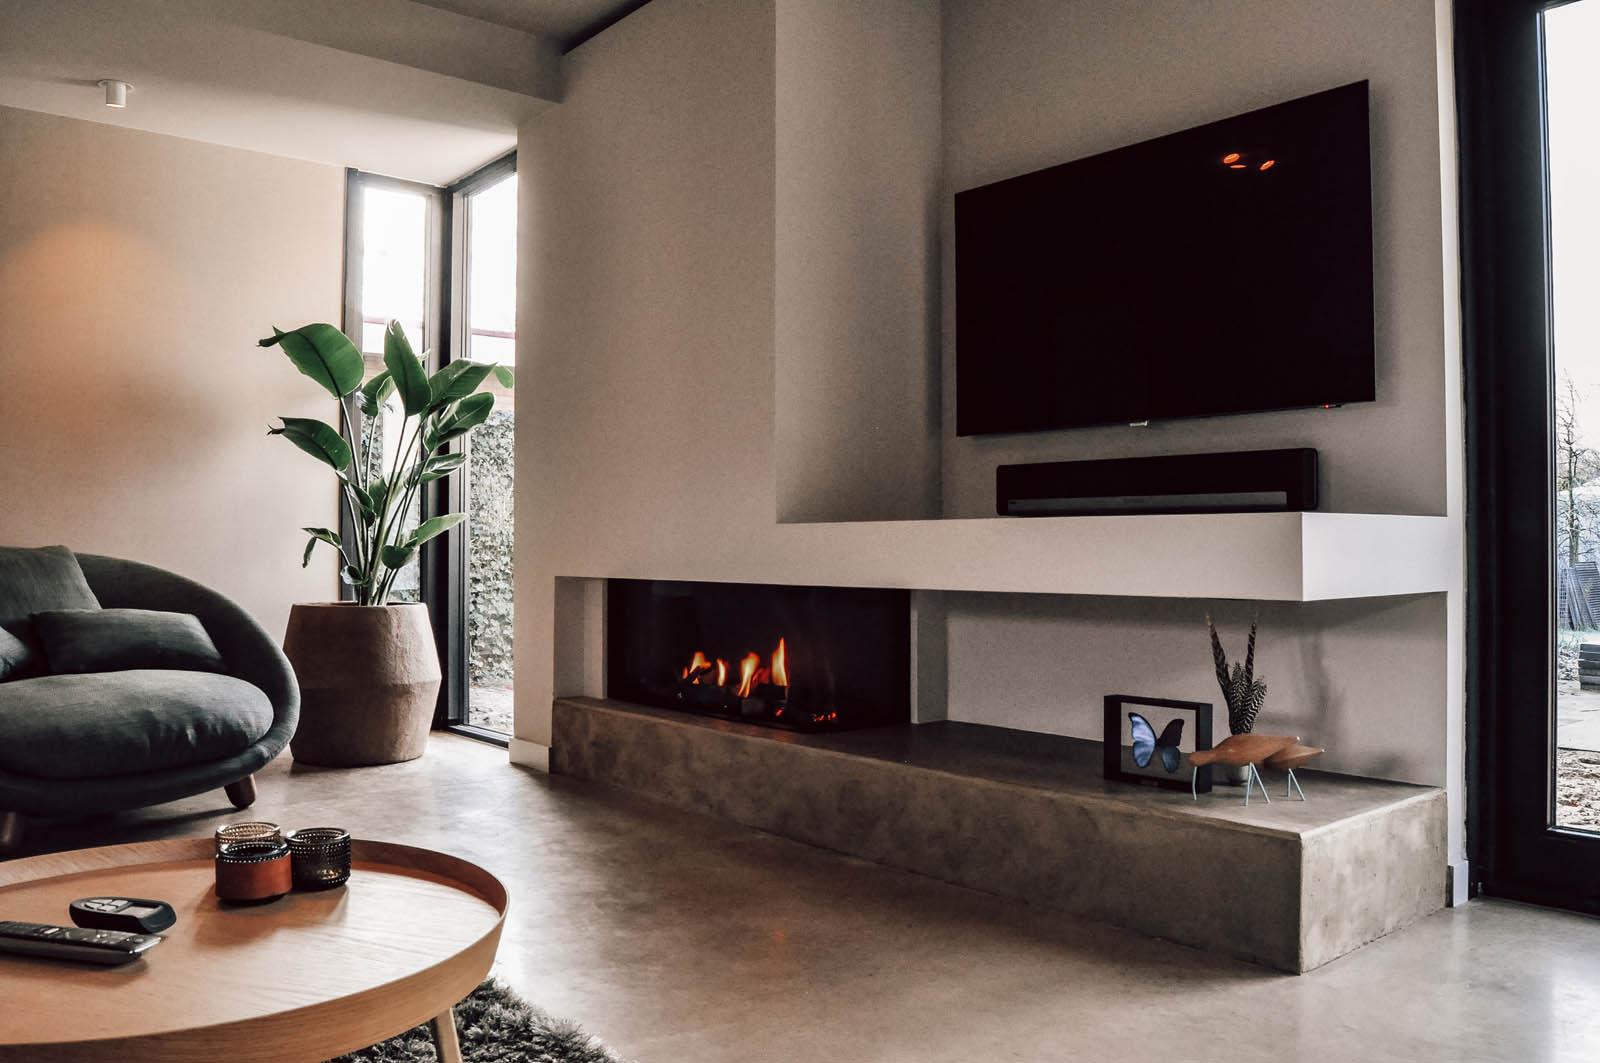 doetinchem_patio_entrace_design_nijs_jeroen_de_fireplace_design